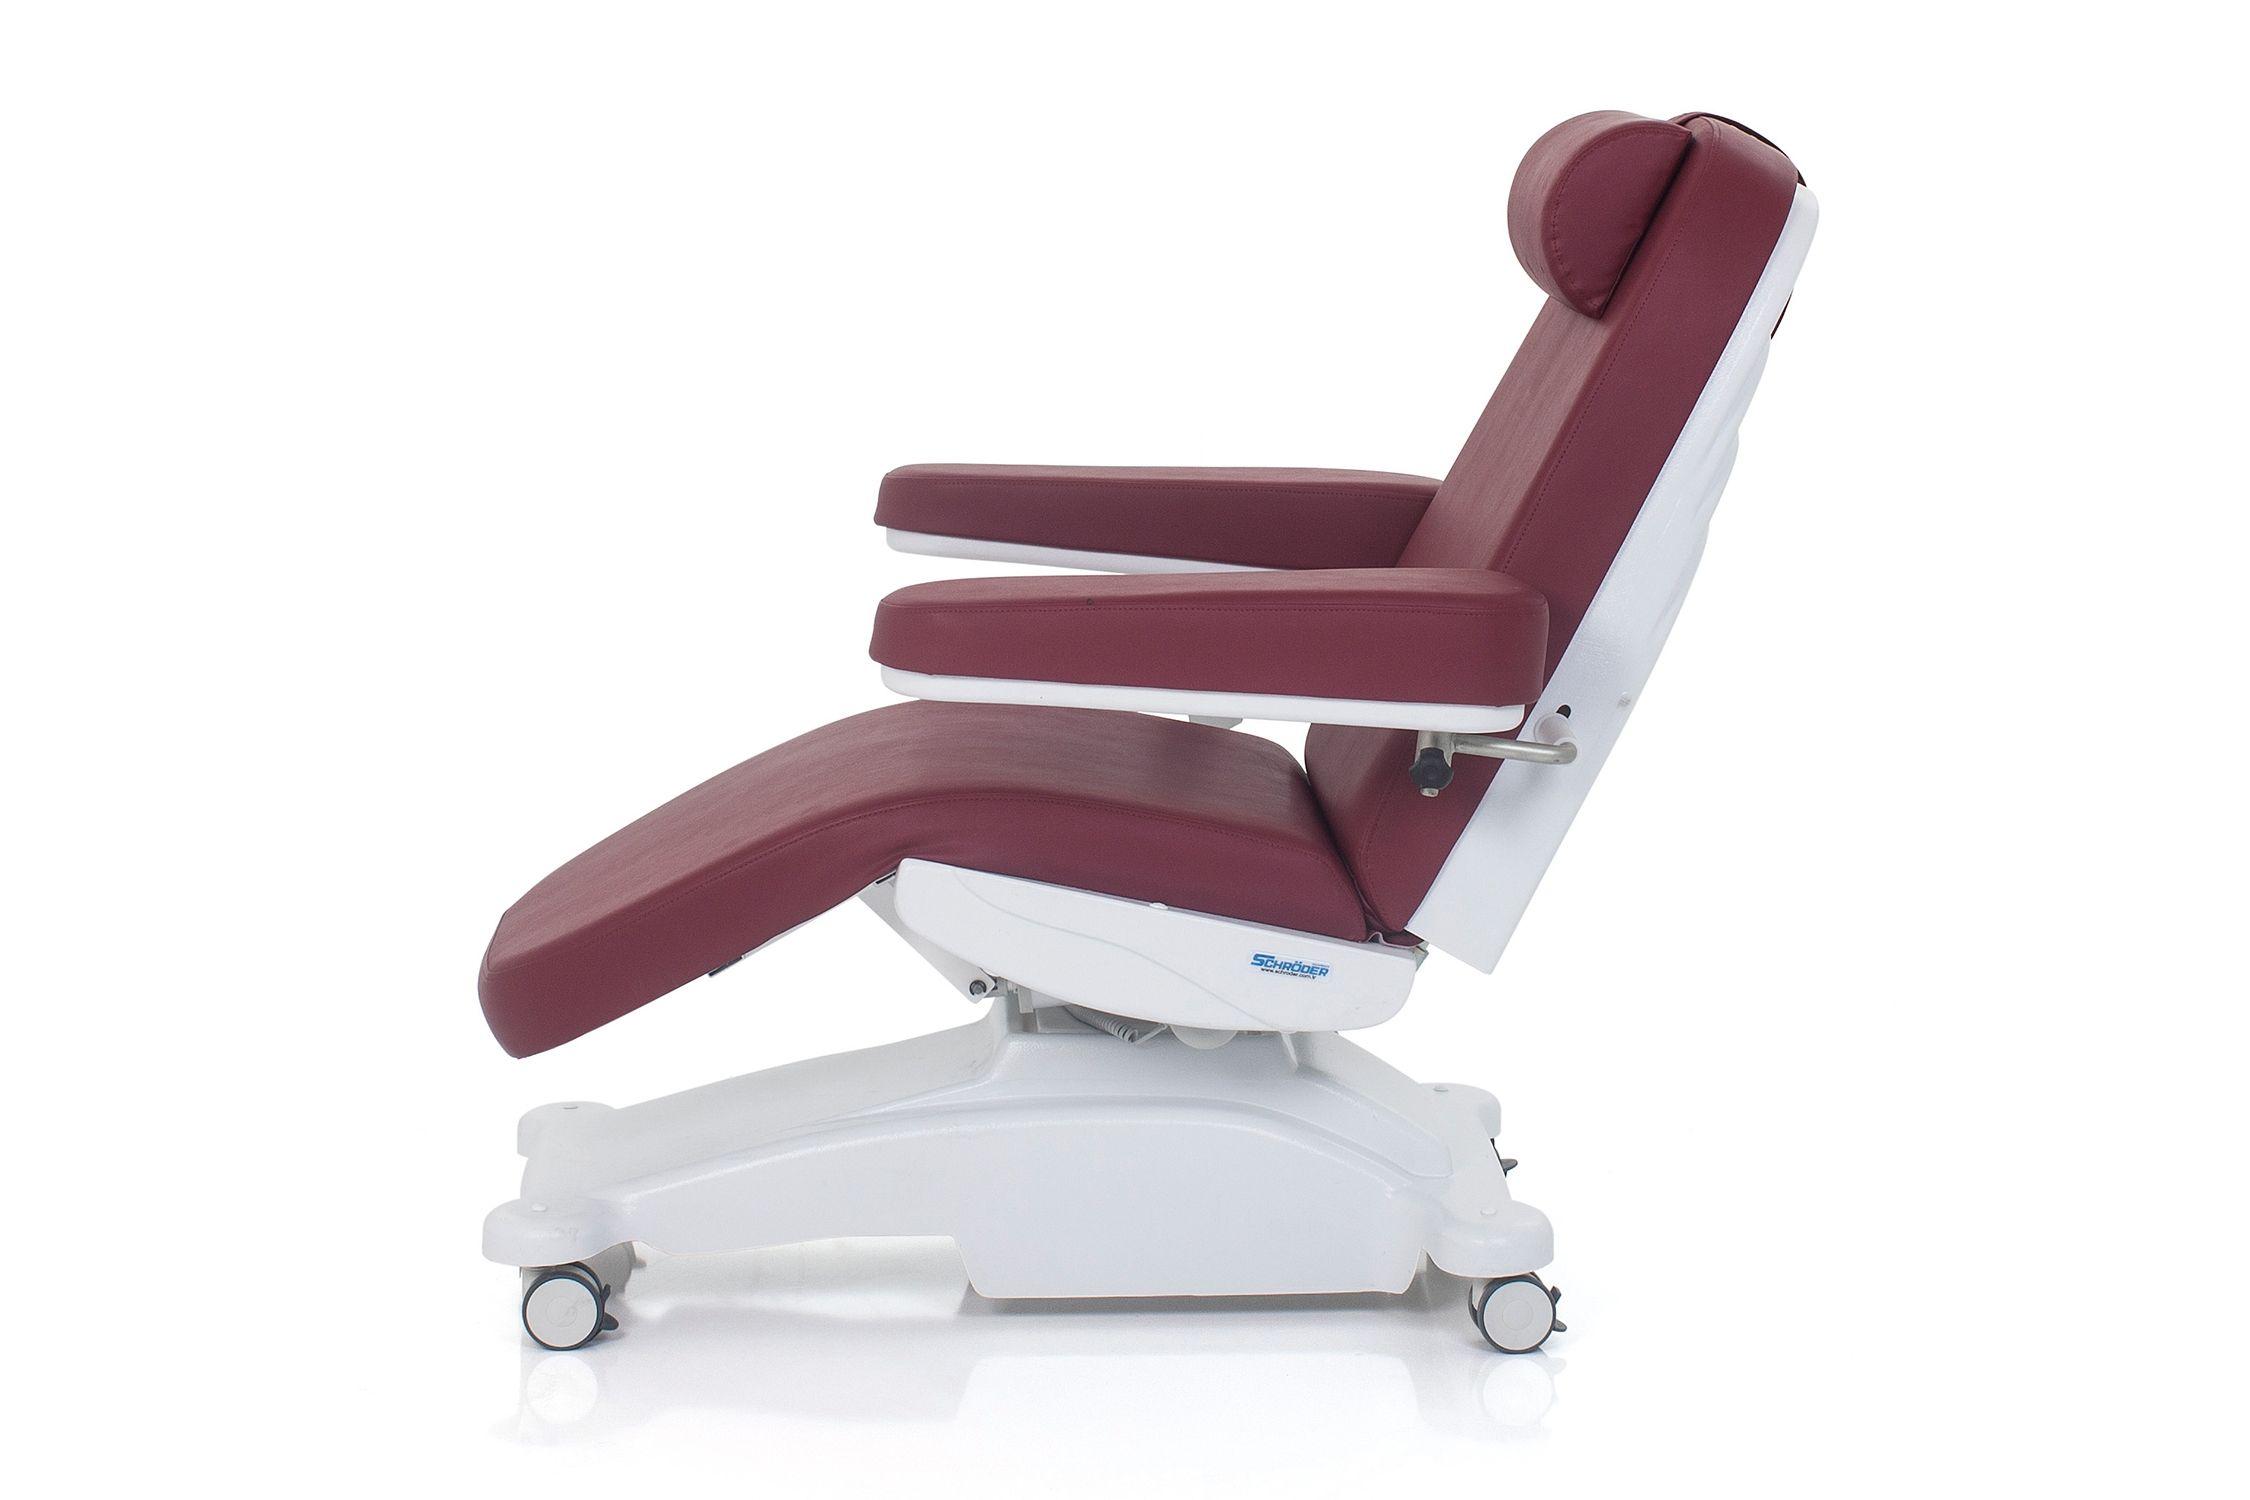 Astounding Electronic Blood Drawing Chair 2 Motors Bdc 12 Chair Inzonedesignstudio Interior Chair Design Inzonedesignstudiocom